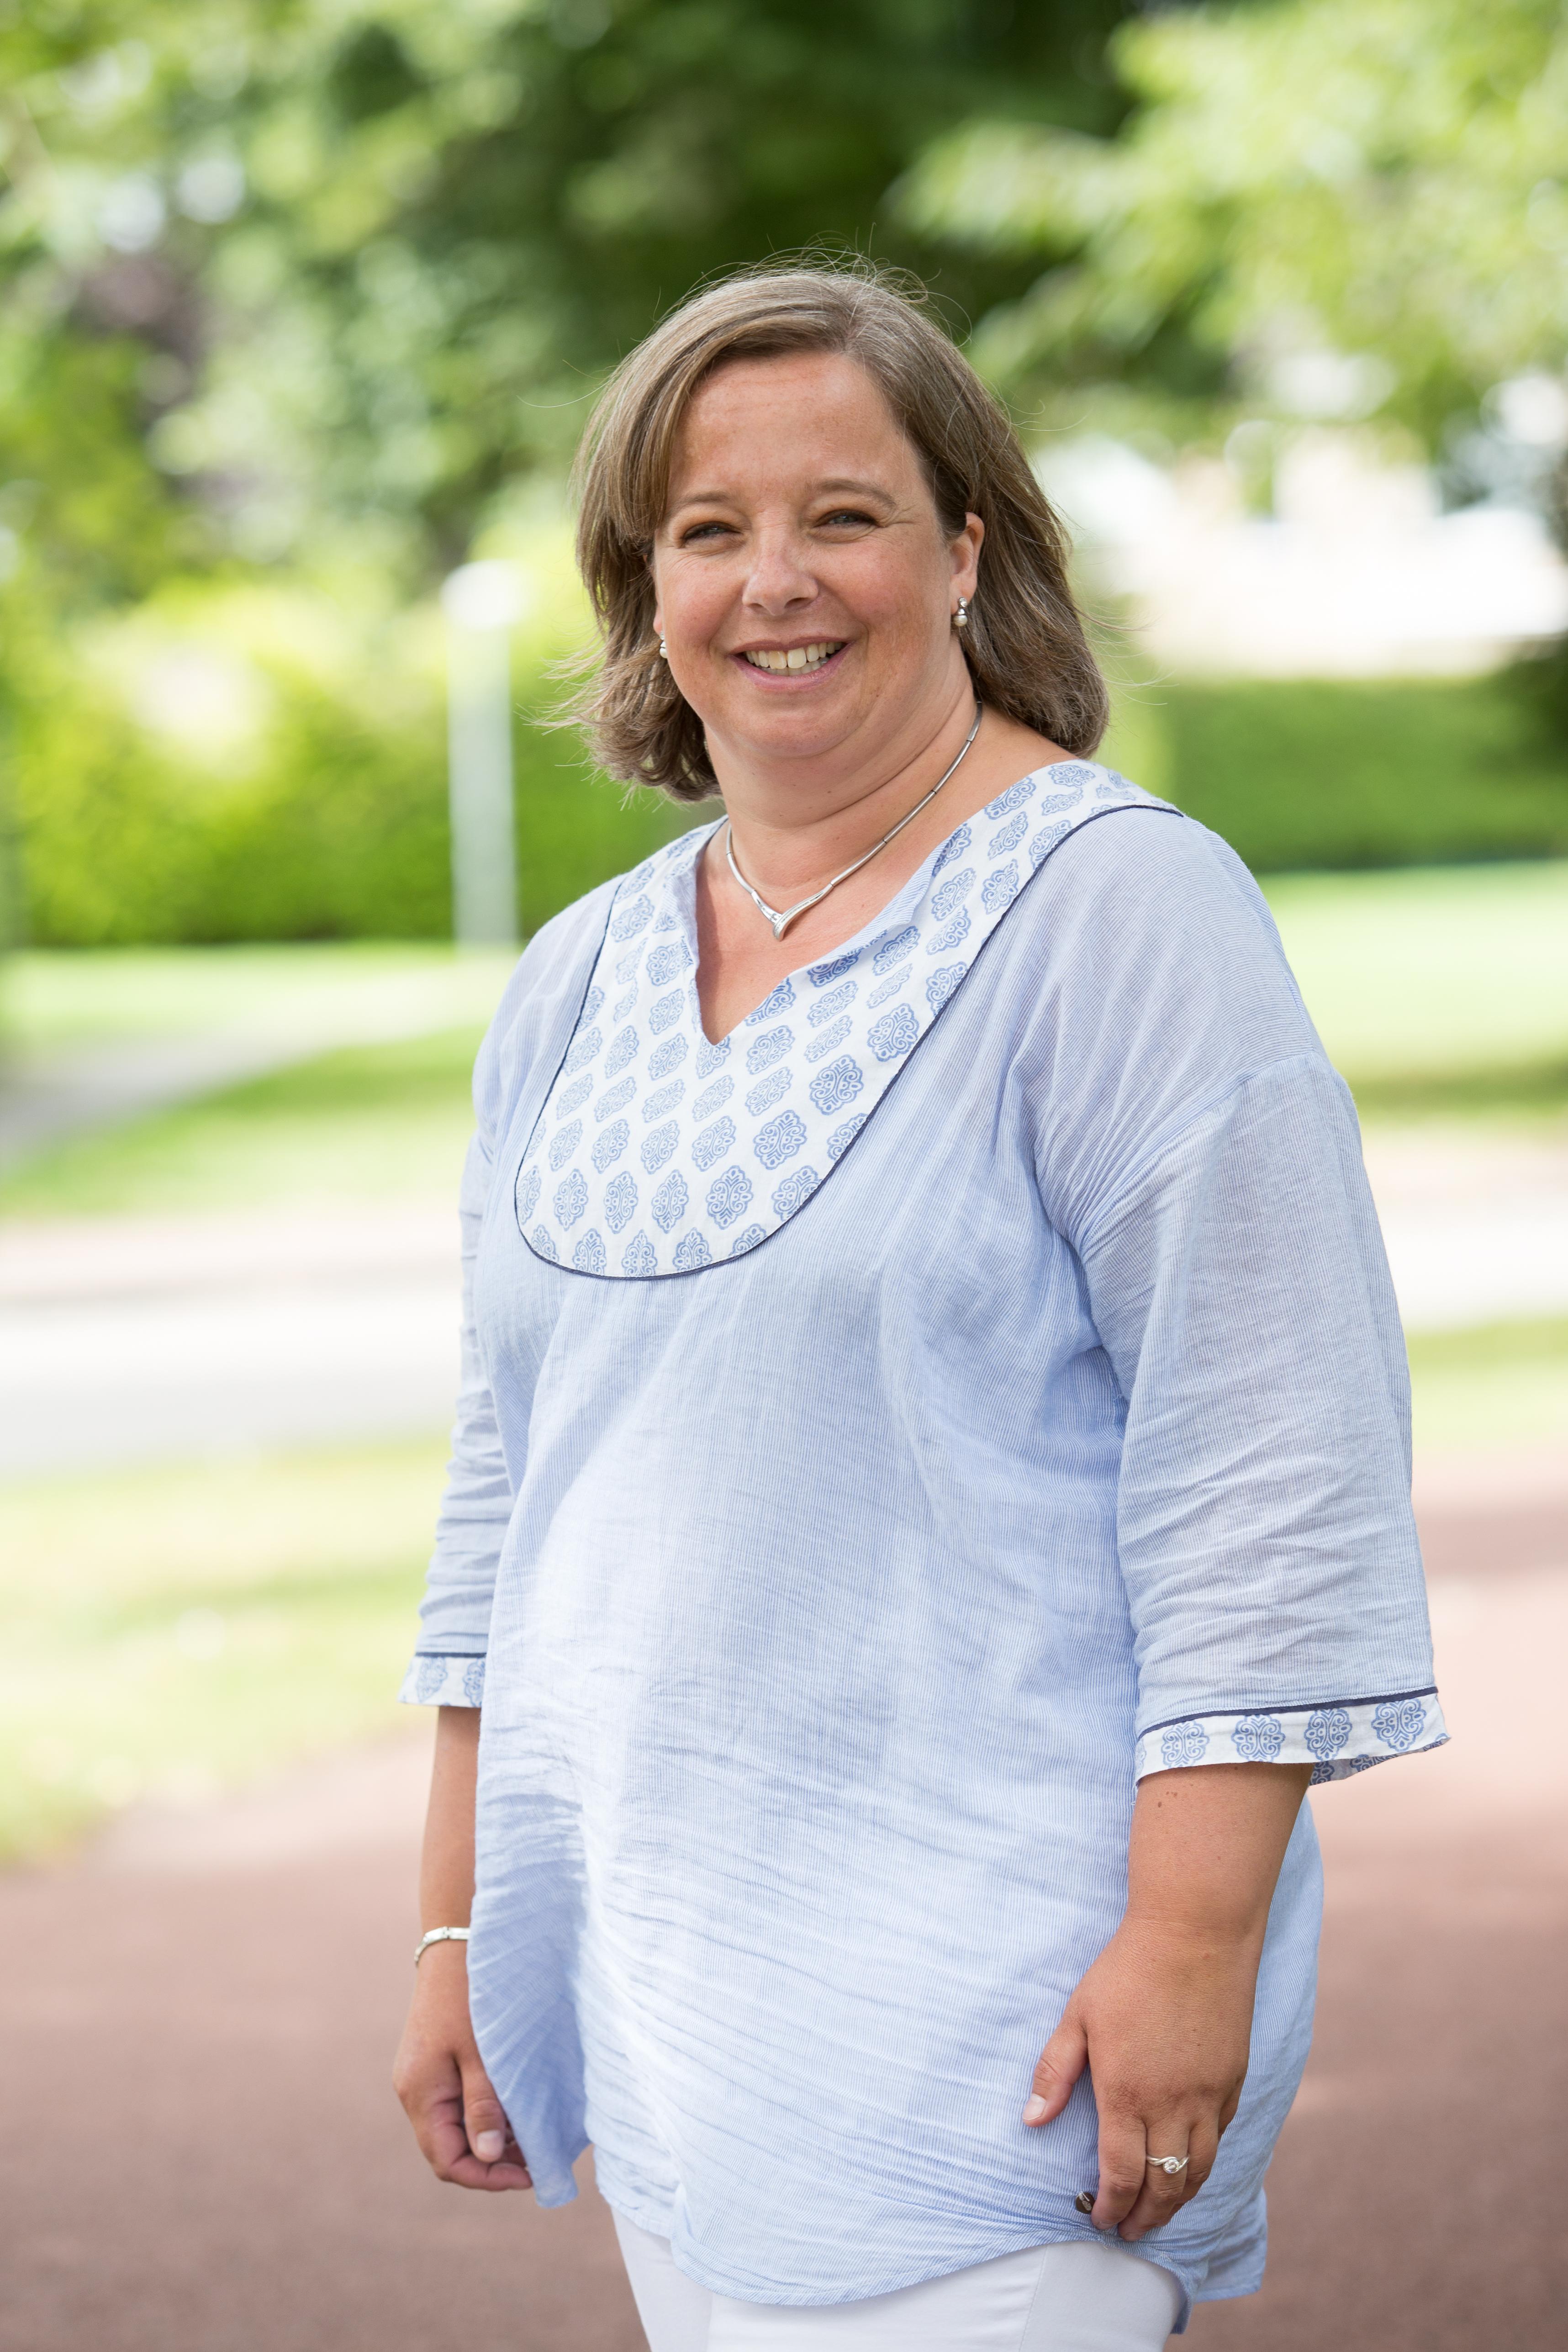 Simone van der Giessen